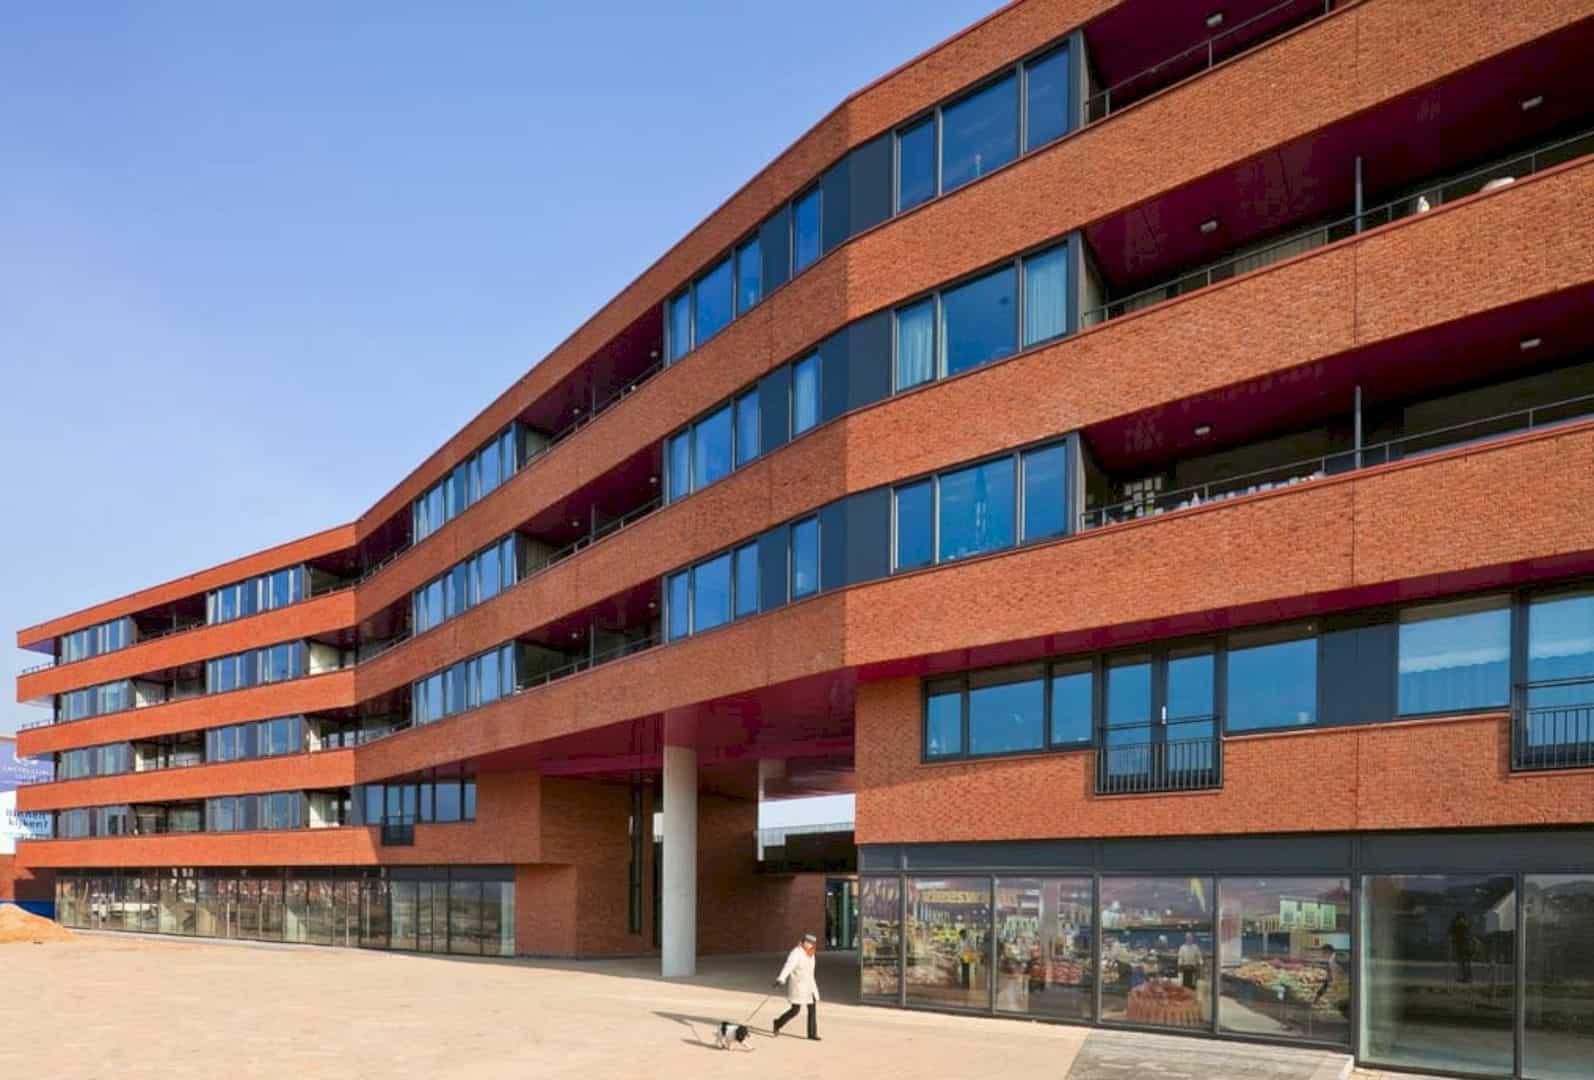 Residences Cuijk By Jeanne Dekkers Architectuur 2